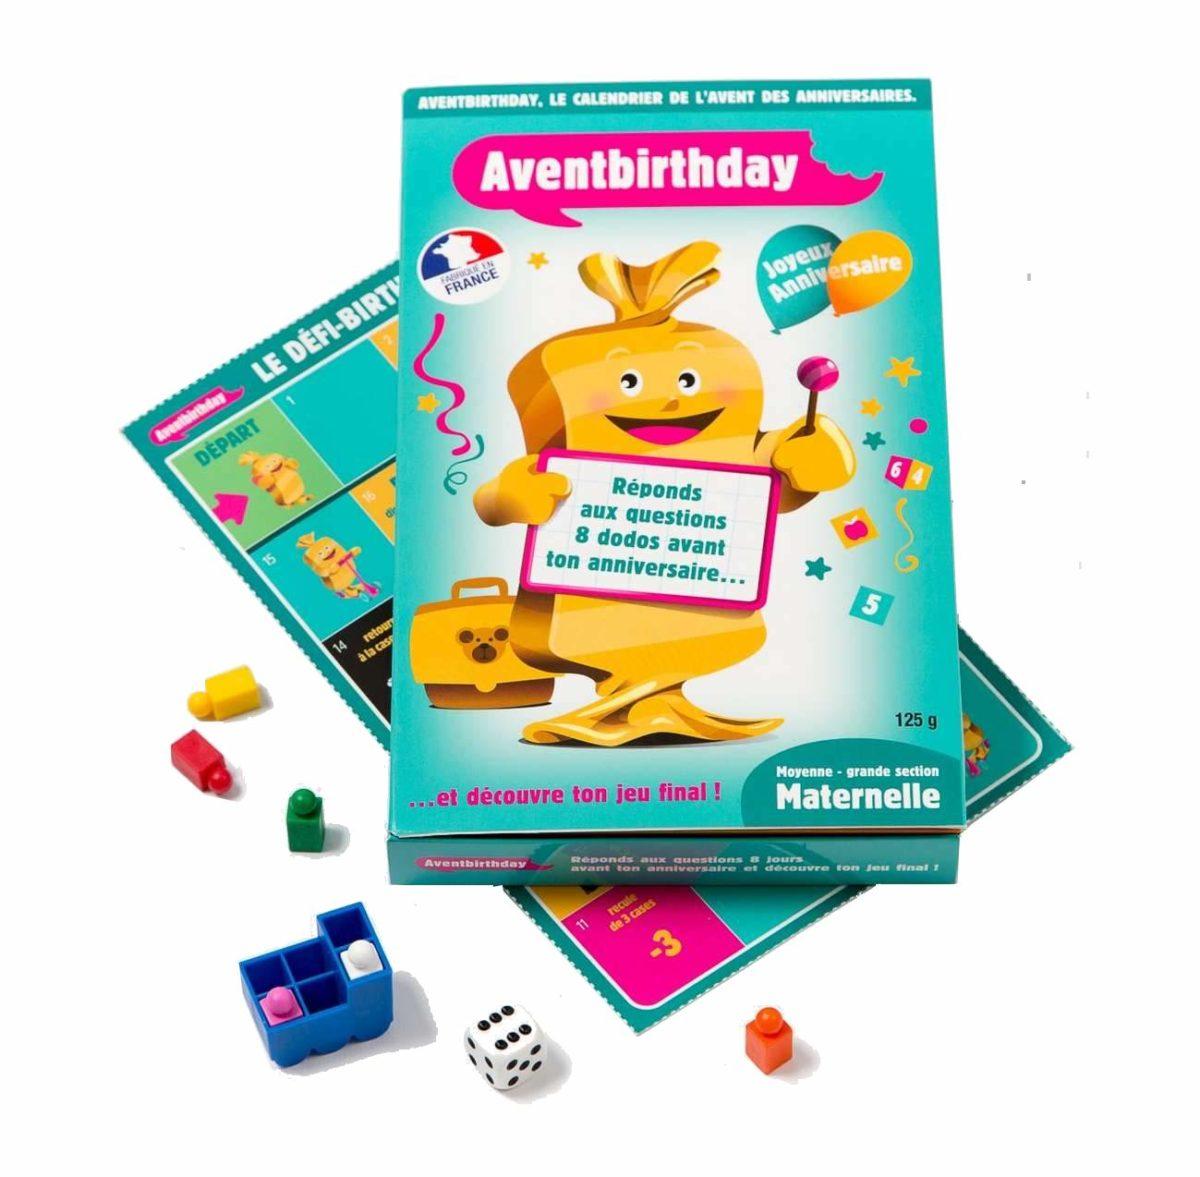 Calendrier Avent Anniversaire Maternelle Original encequiconcerne Jeux Pour Enfant De 5 Ans